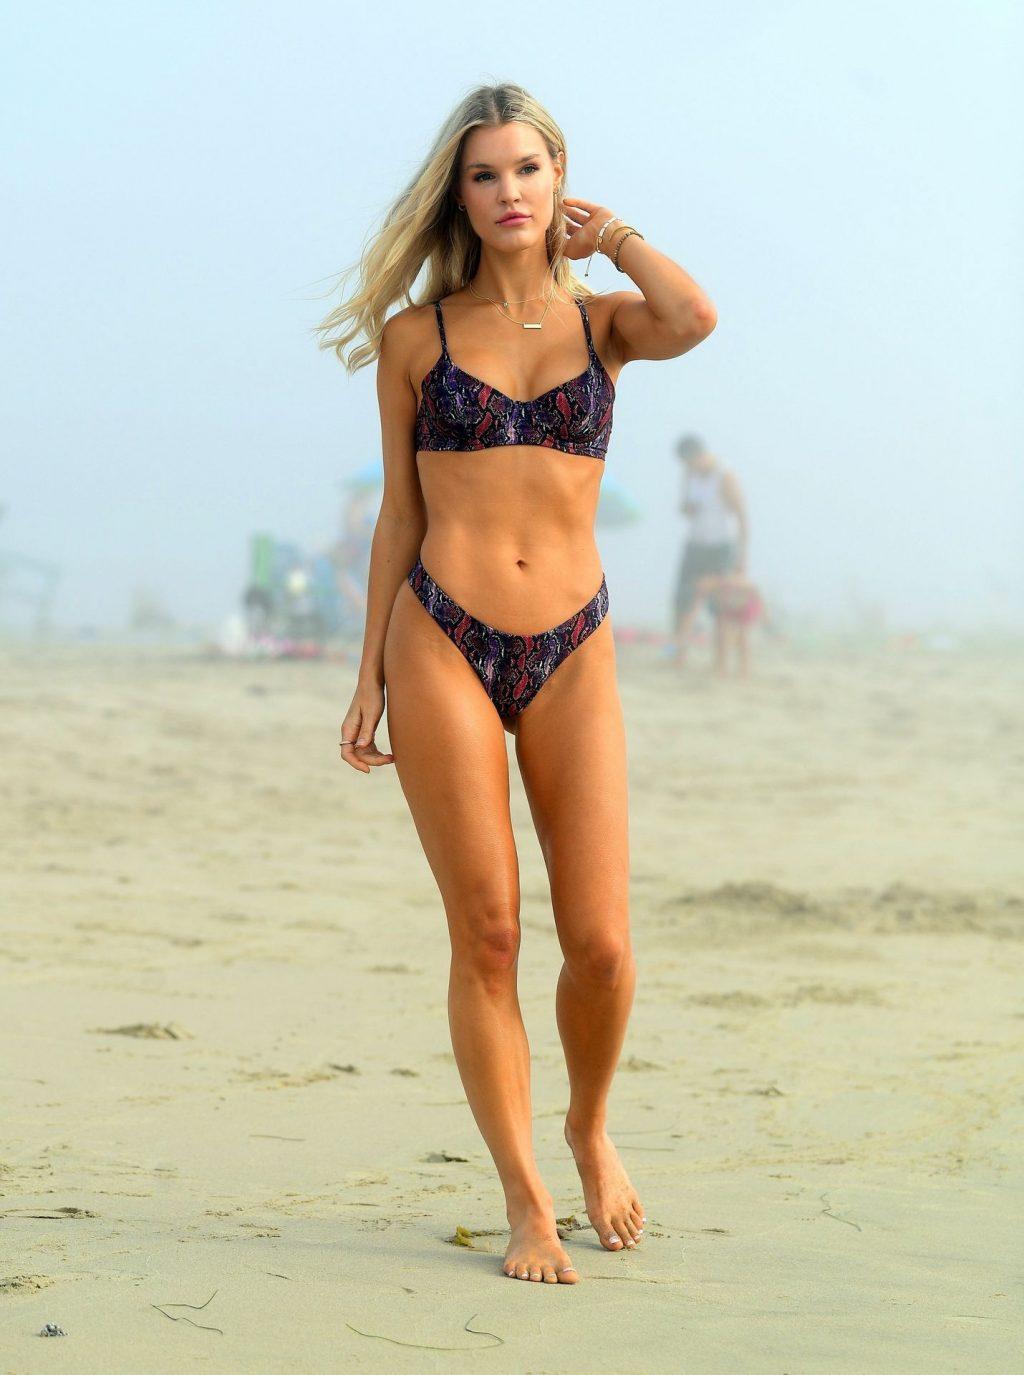 Joy Corrigan Sends Pulses Racing with a Photoshoot at Venice Beach (40 Photos)